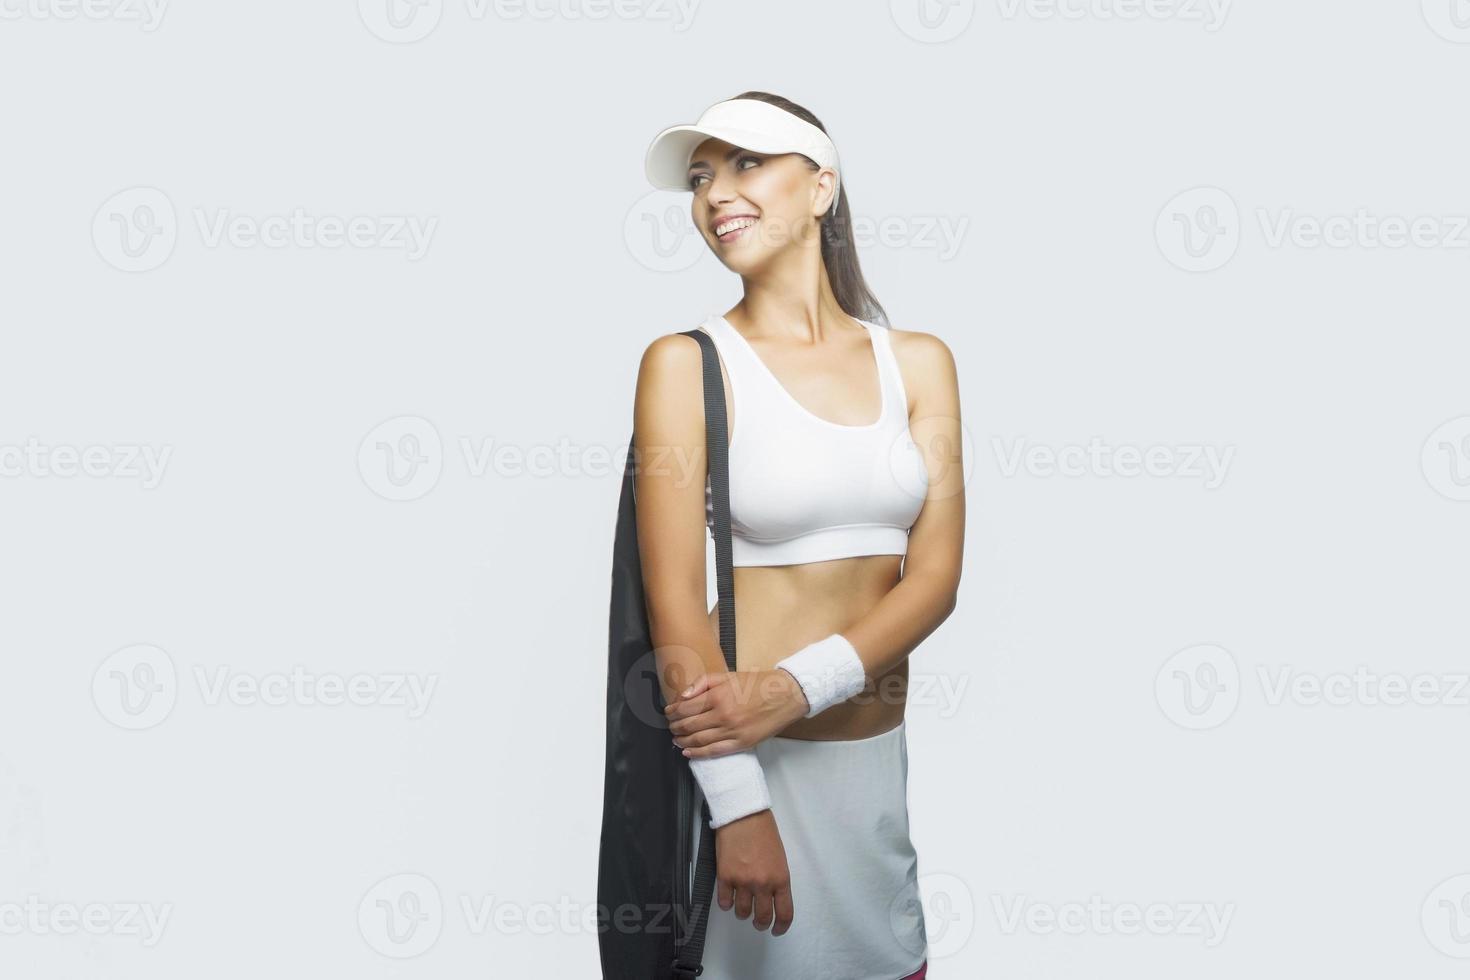 kaukasische Sportlerin mit Tennistasche auf der Schulter foto